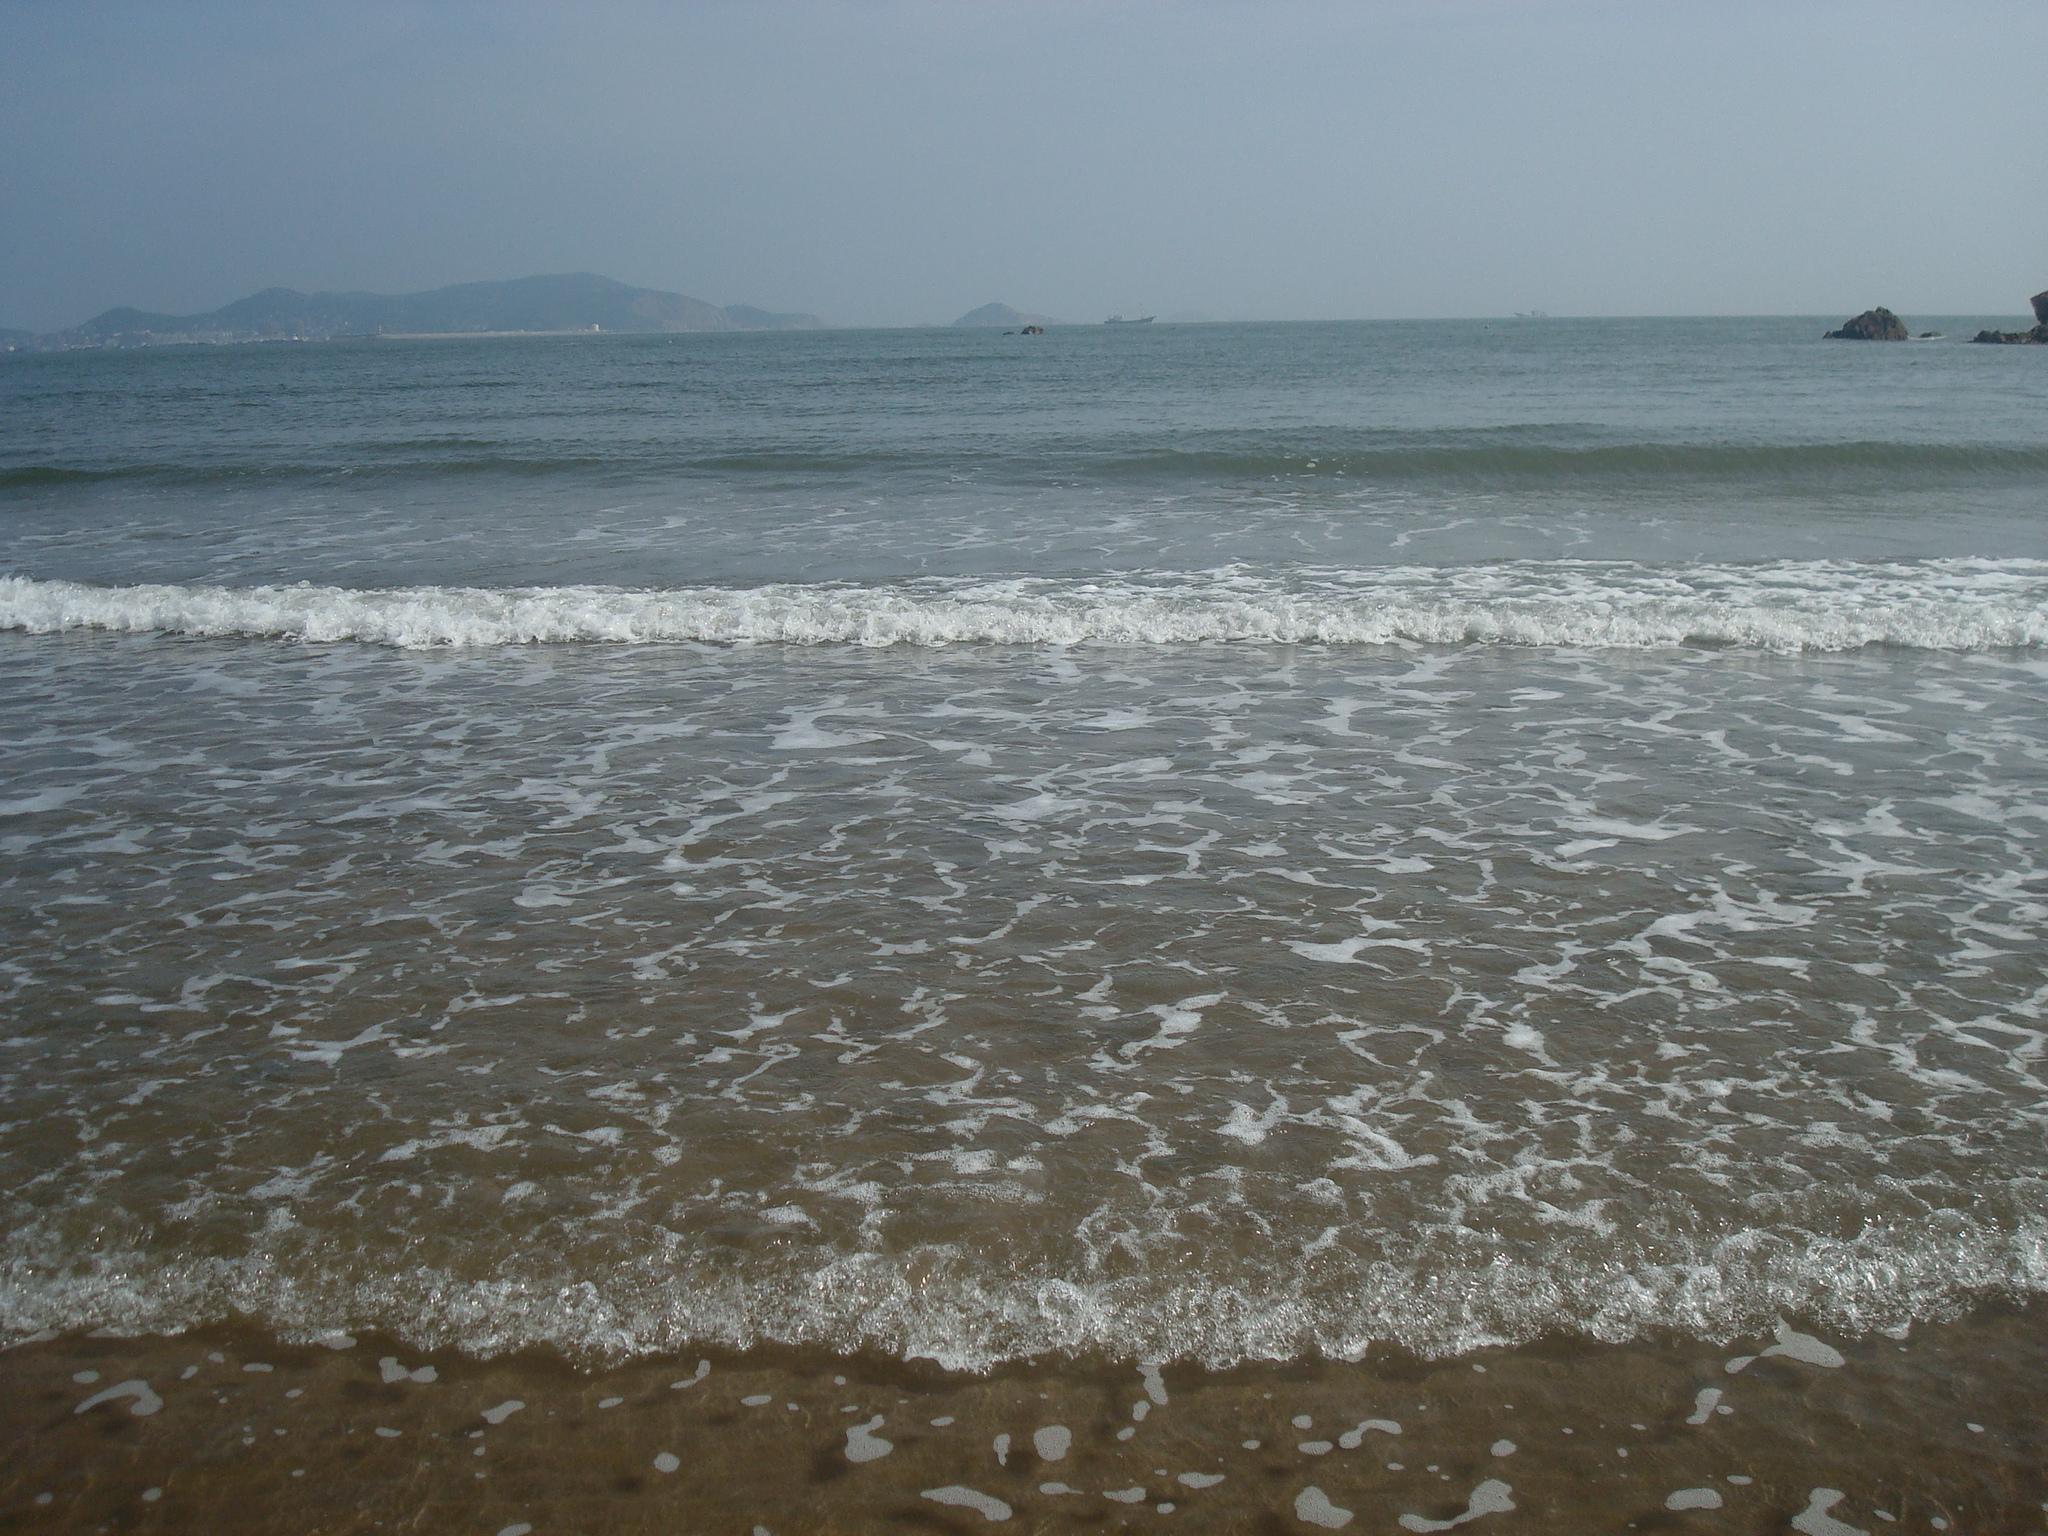 早安海边——清晨的沙滩